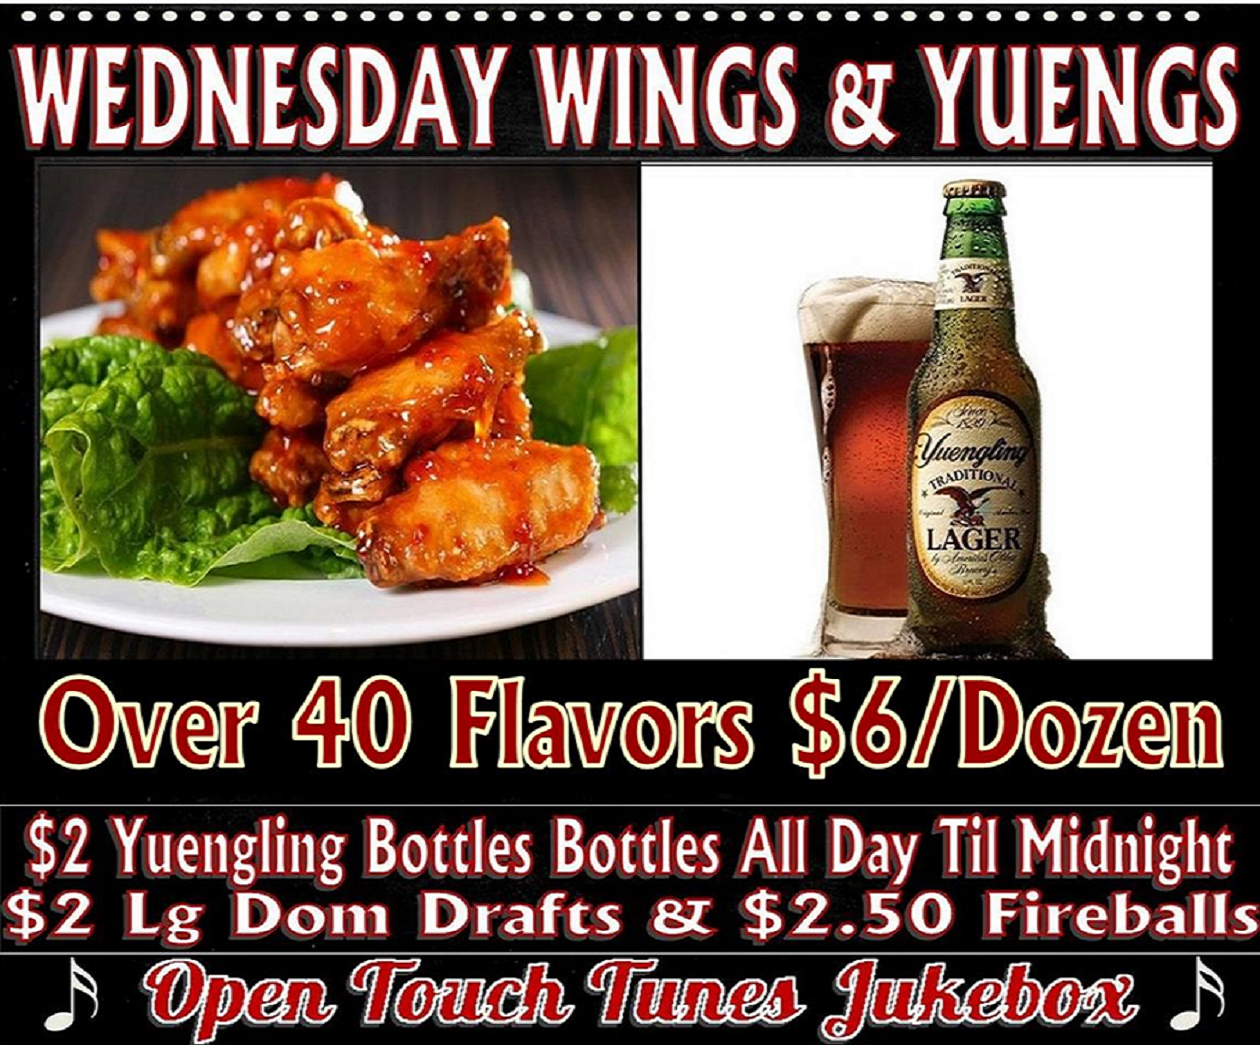 wings yuengs 2017 $6